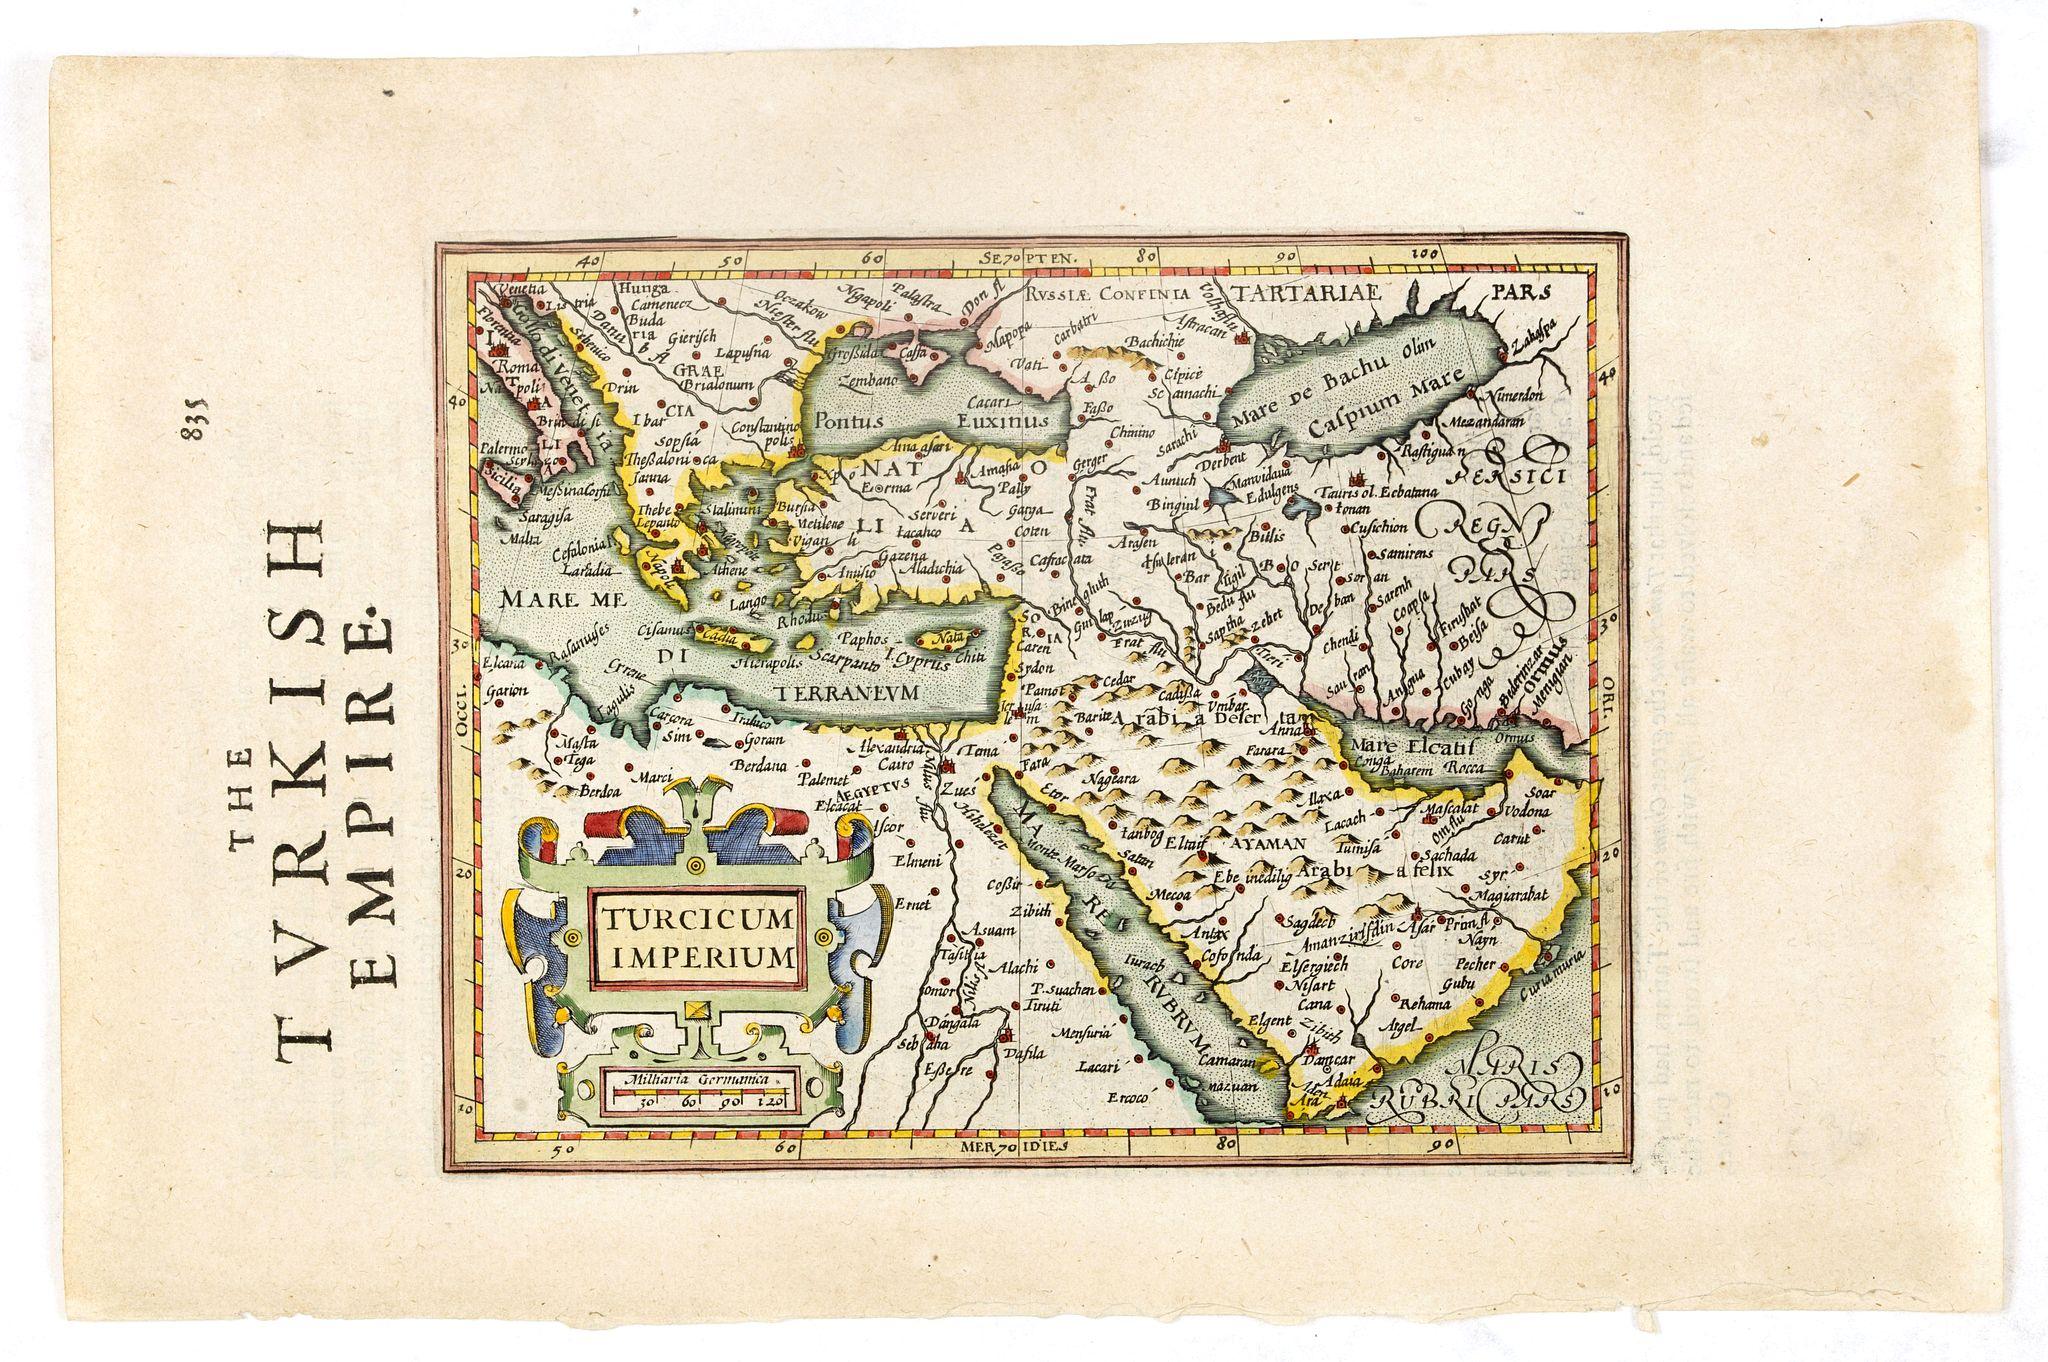 MERCATOR, G . / HONDIUS, J. -  Turcicum Imperium.